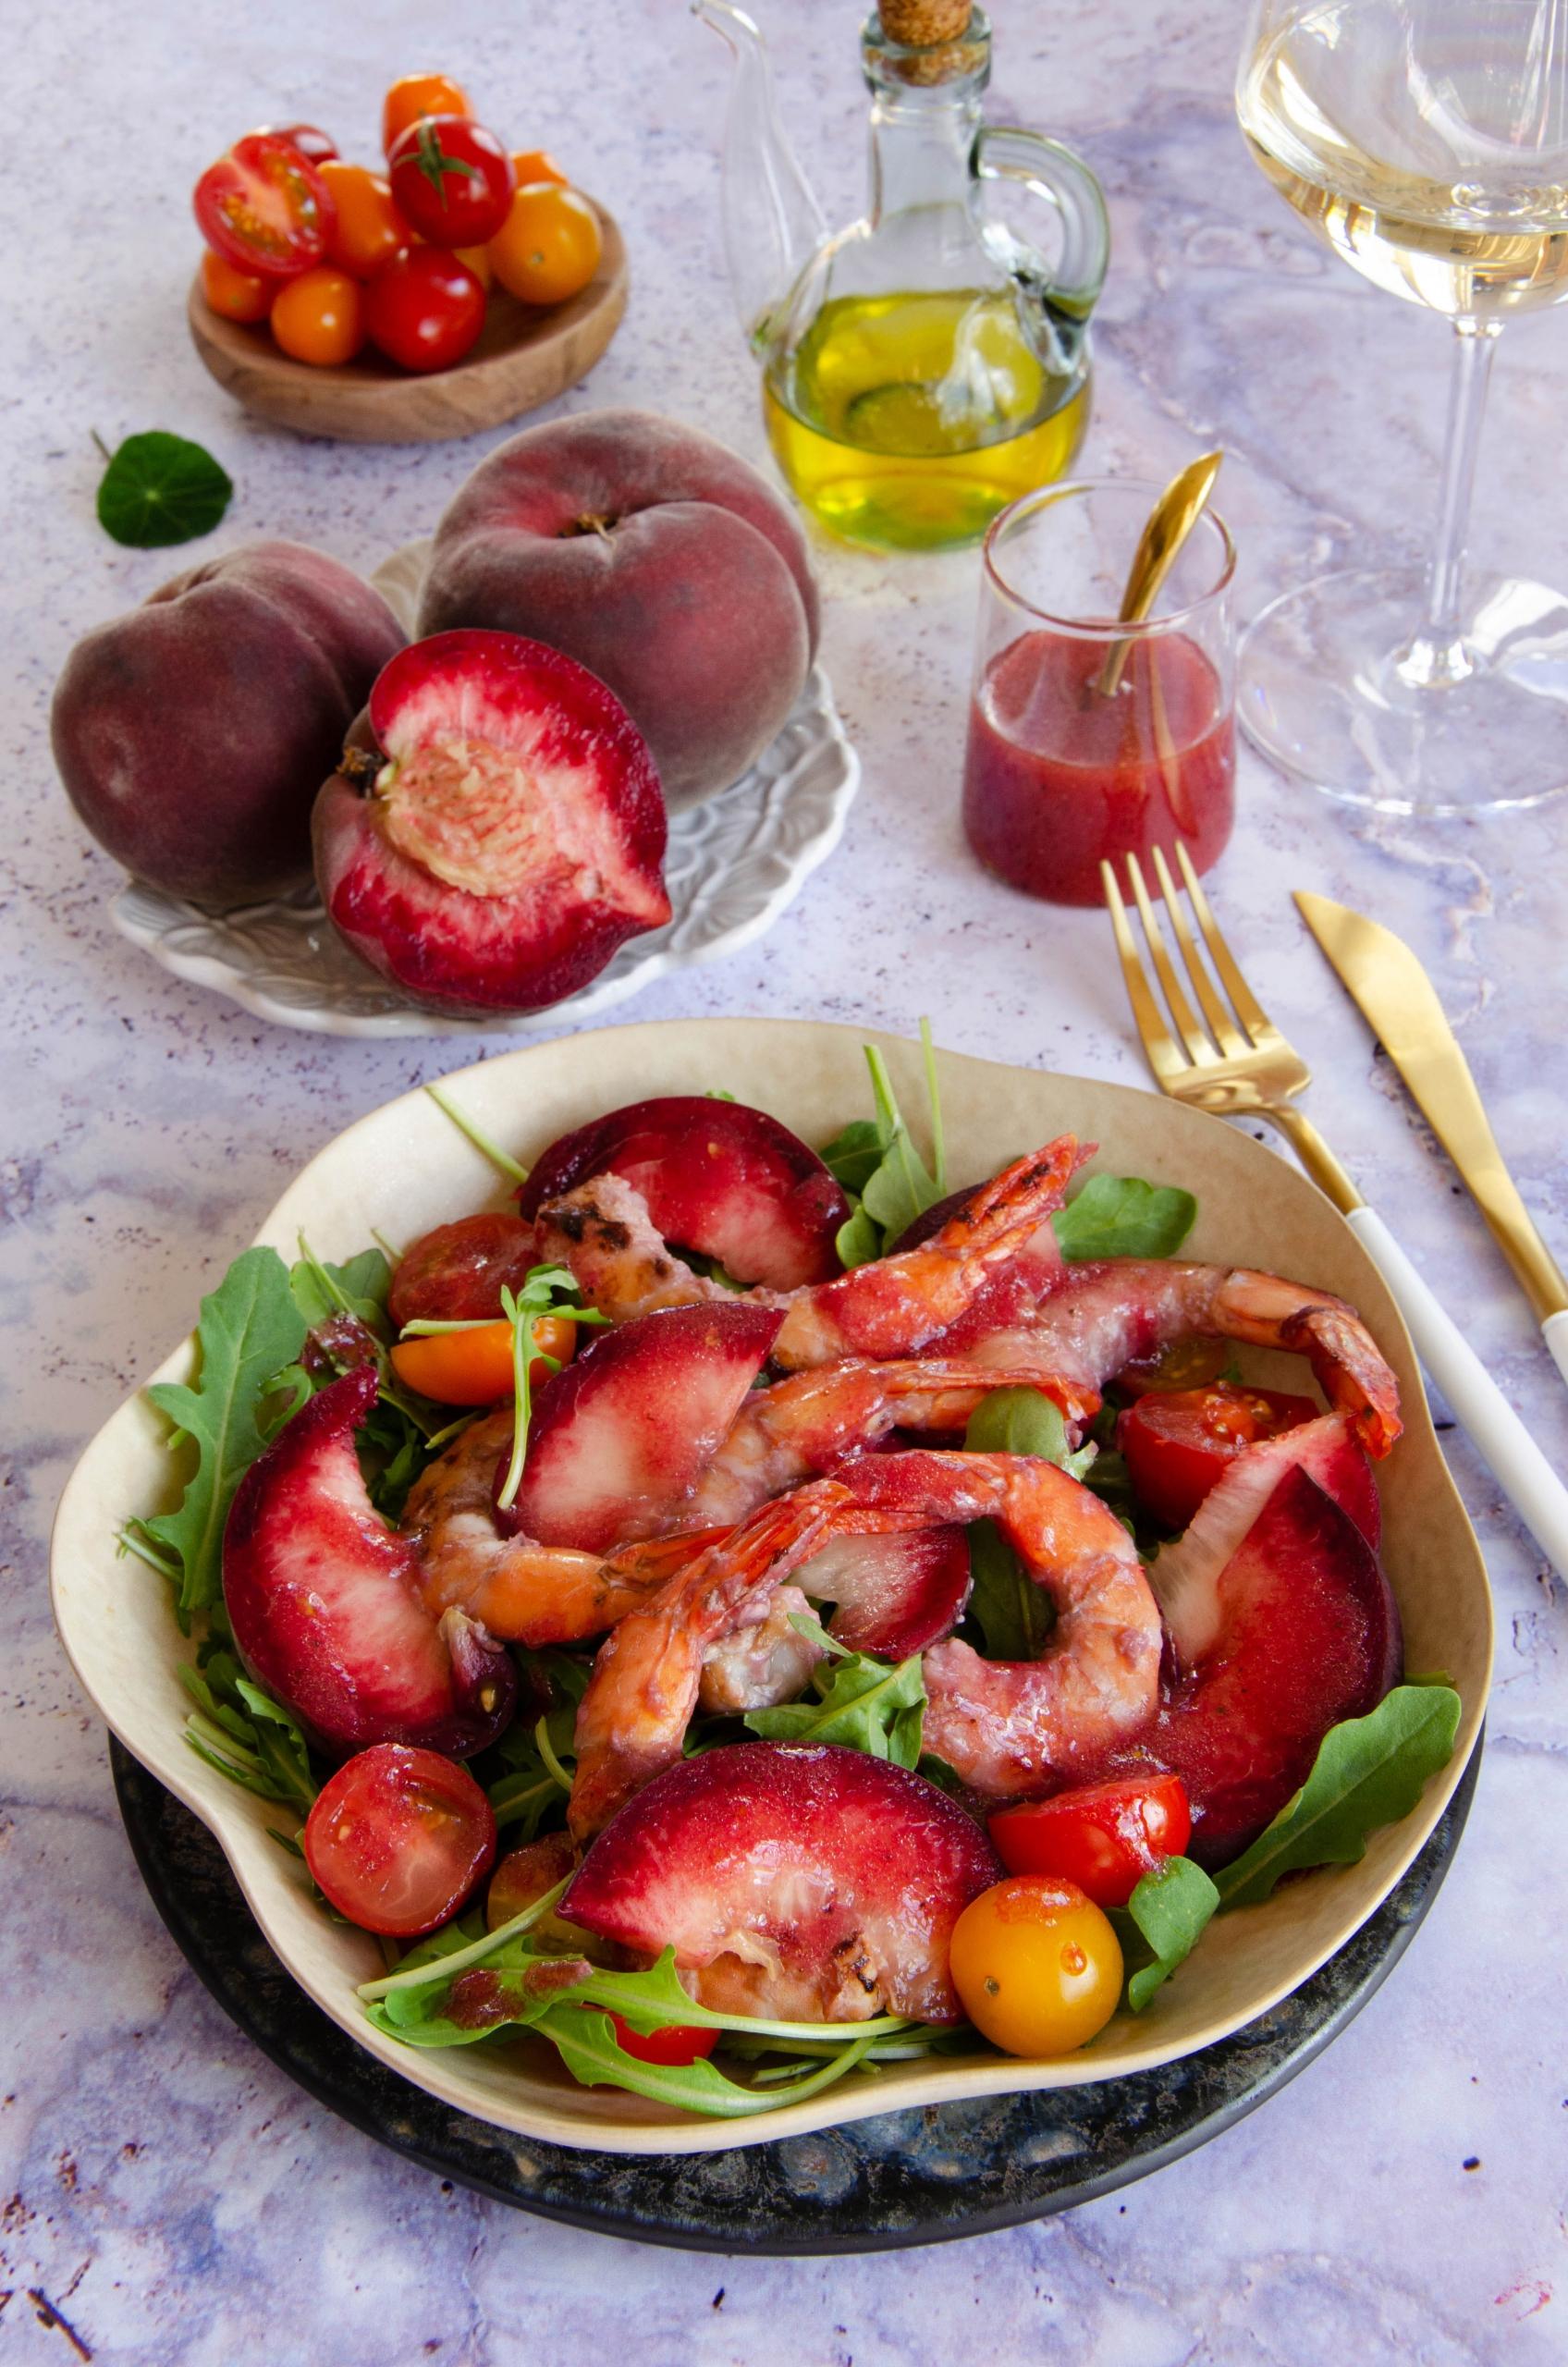 Recette de crevettes sautées aux tomates et aux pêches